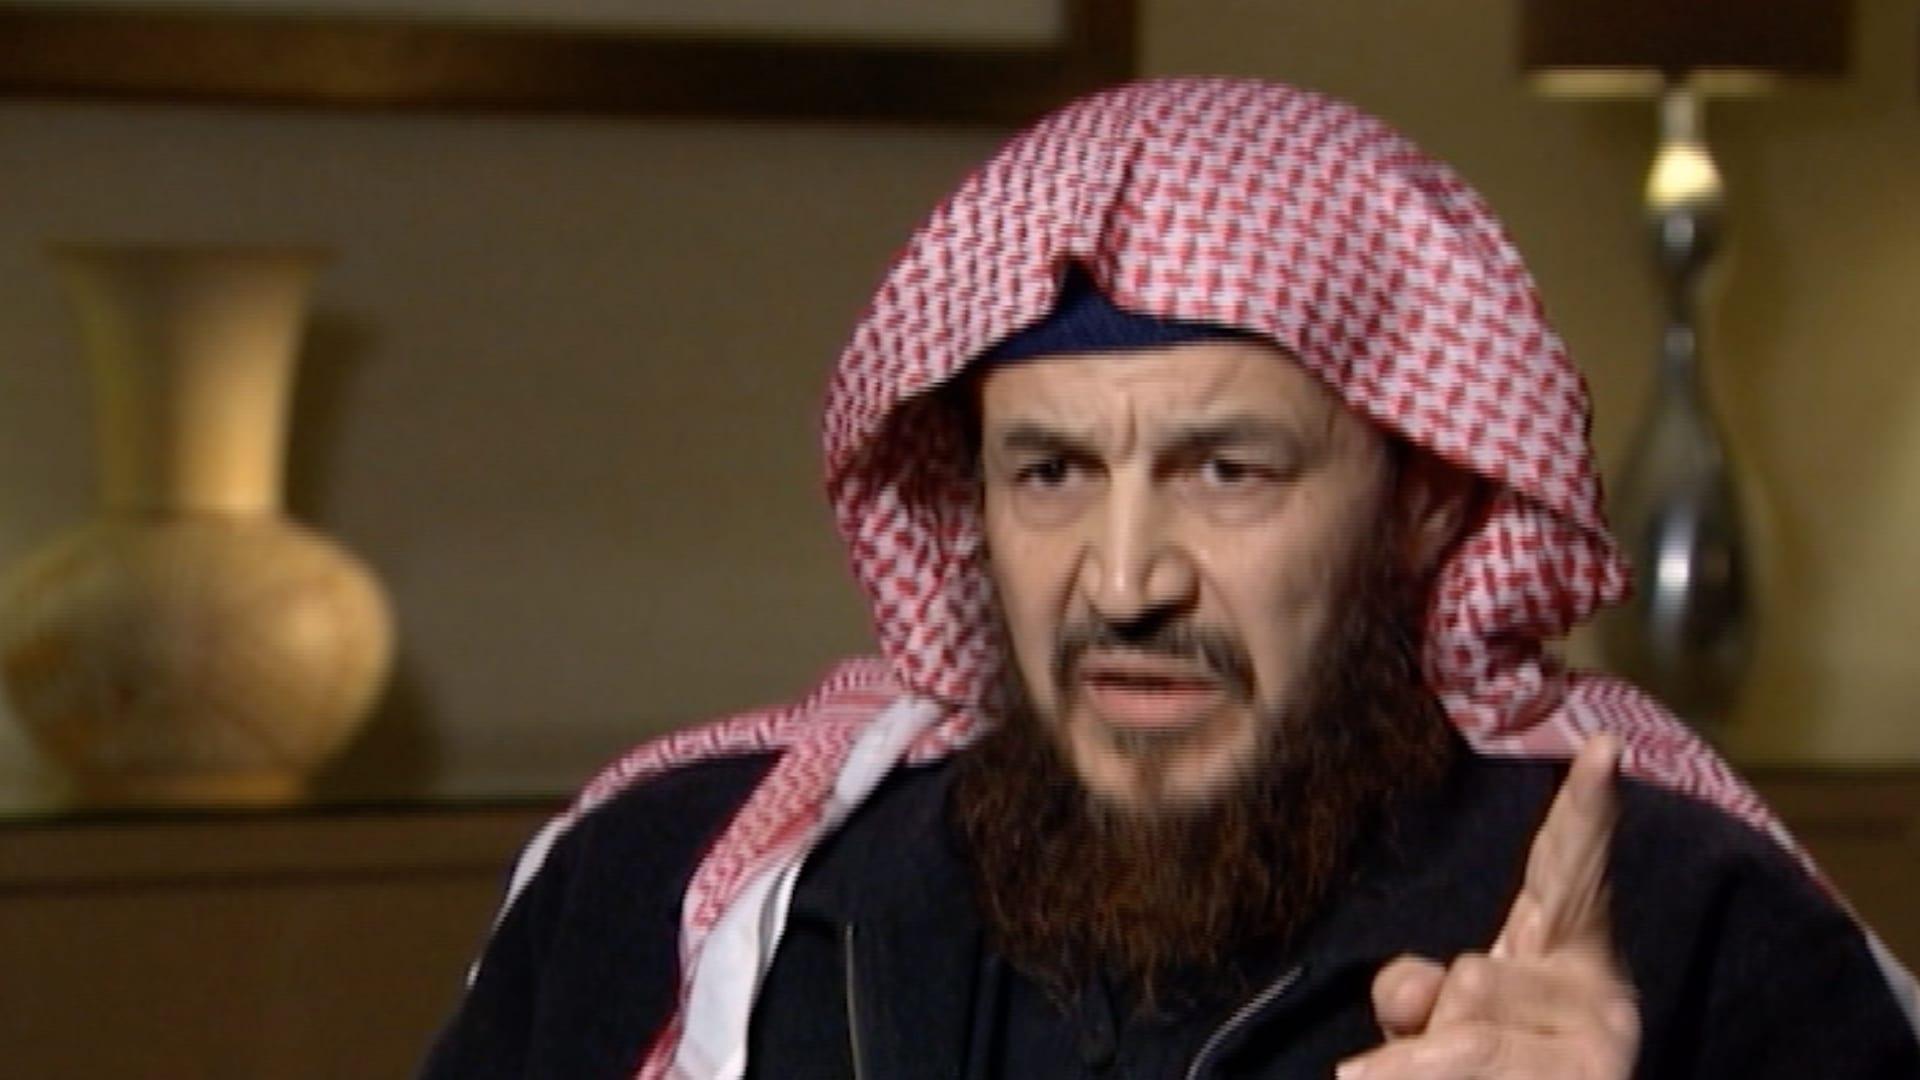 المقدسي لـCNN بالعربية: داعش كذبوا عند توسطي حول الكساسبة.. وأحذر مسلمي الغرب منهم